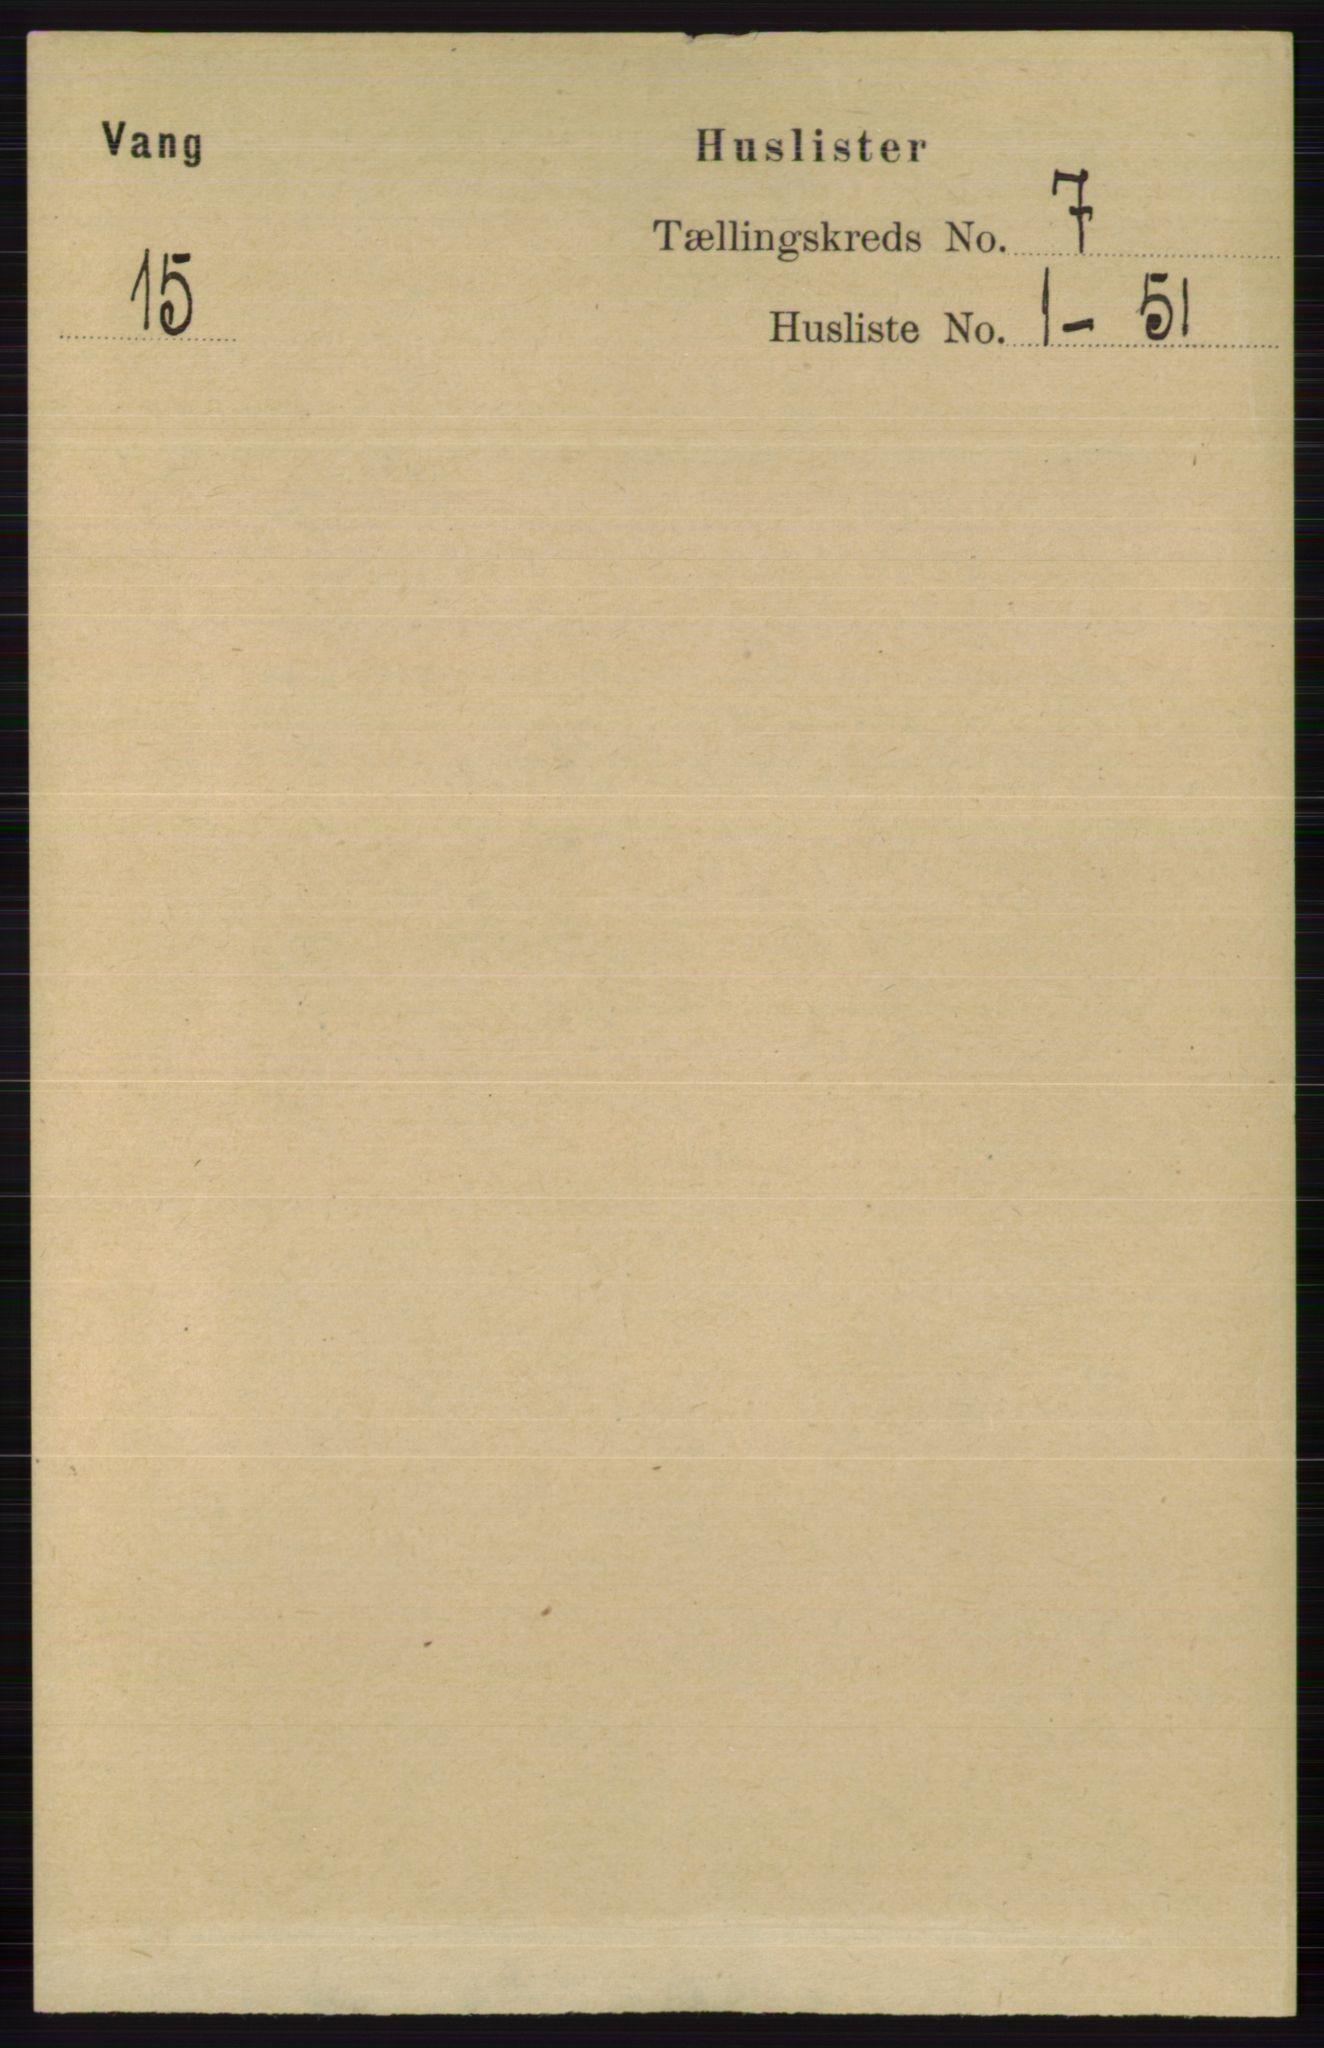 RA, Folketelling 1891 for 0545 Vang herred, 1891, s. 1363